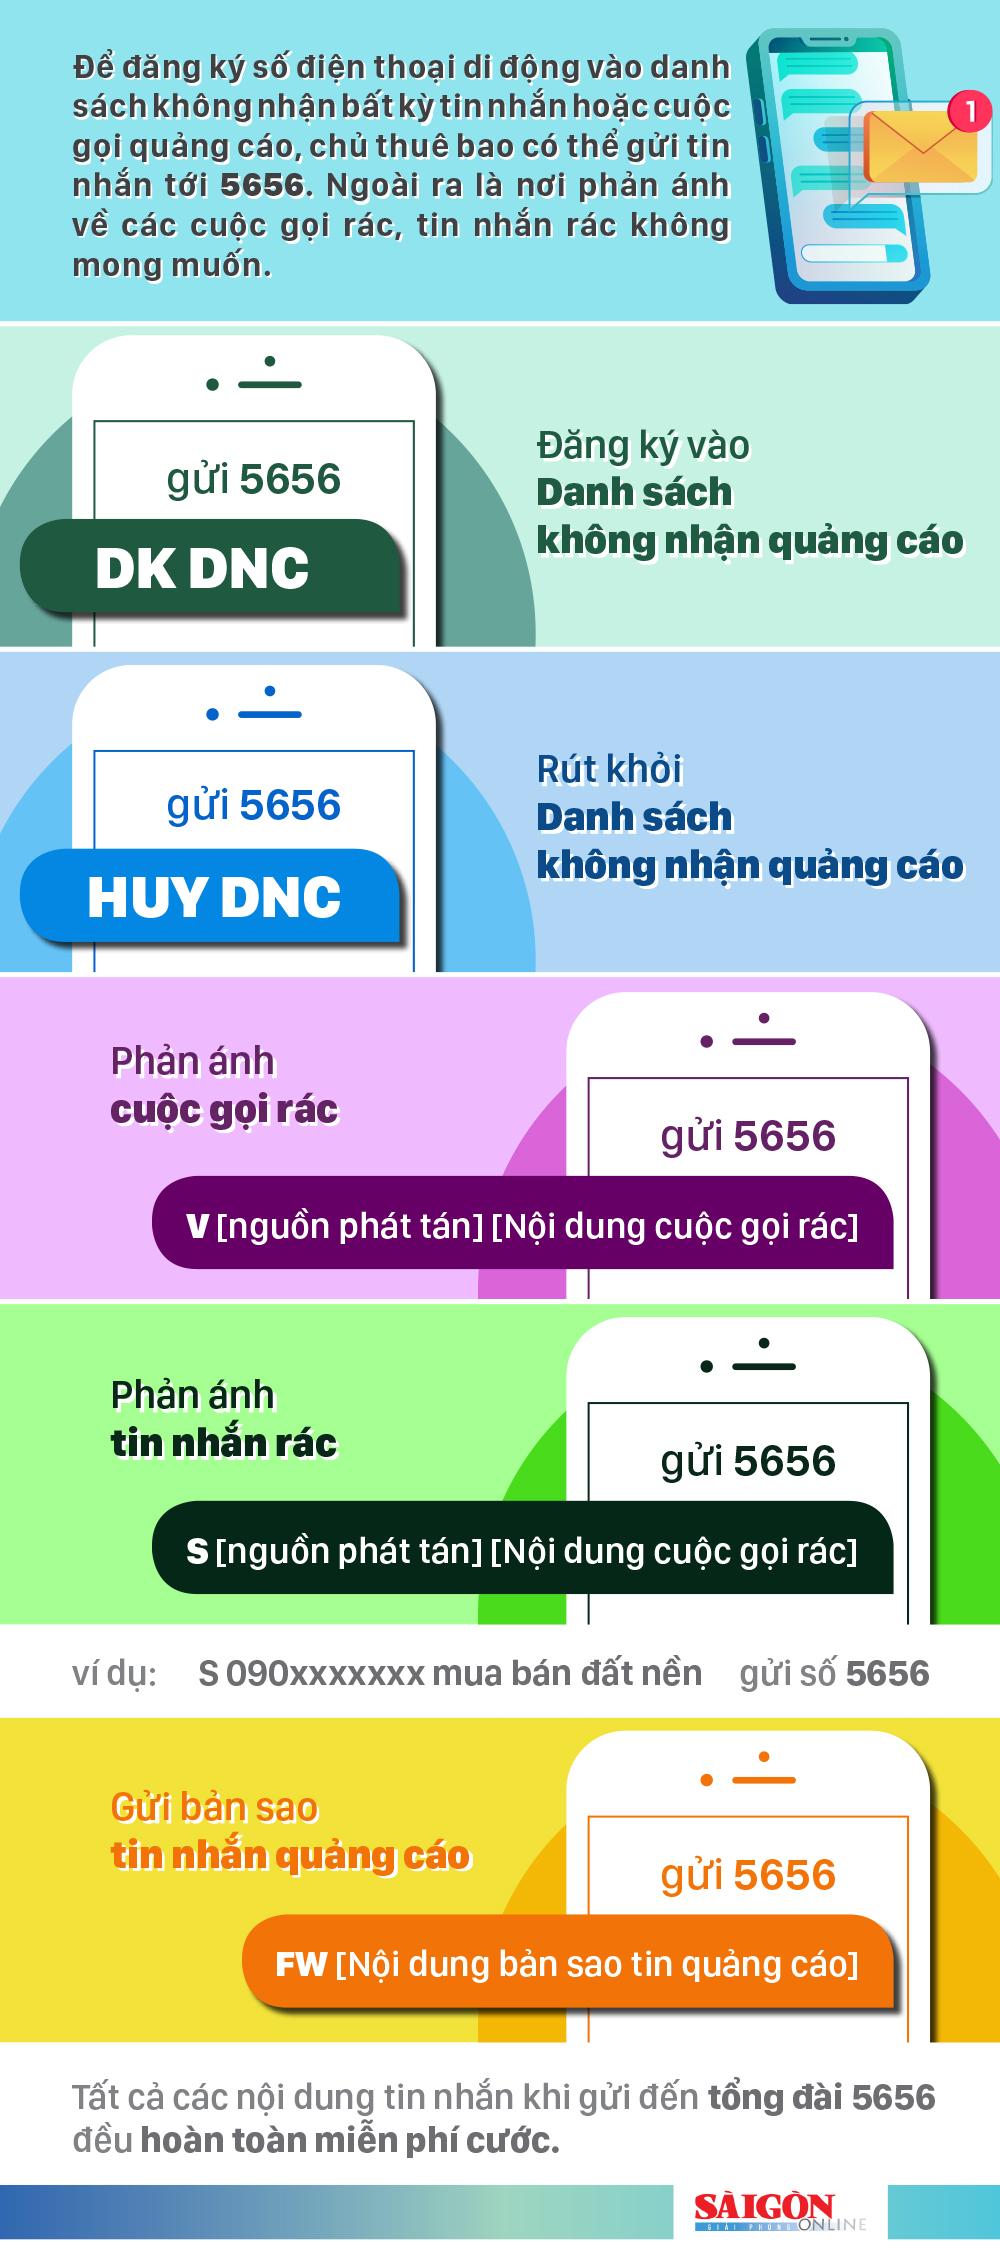 Cách đăng ký không nhận quảng cáo trên điện thoại ảnh 1